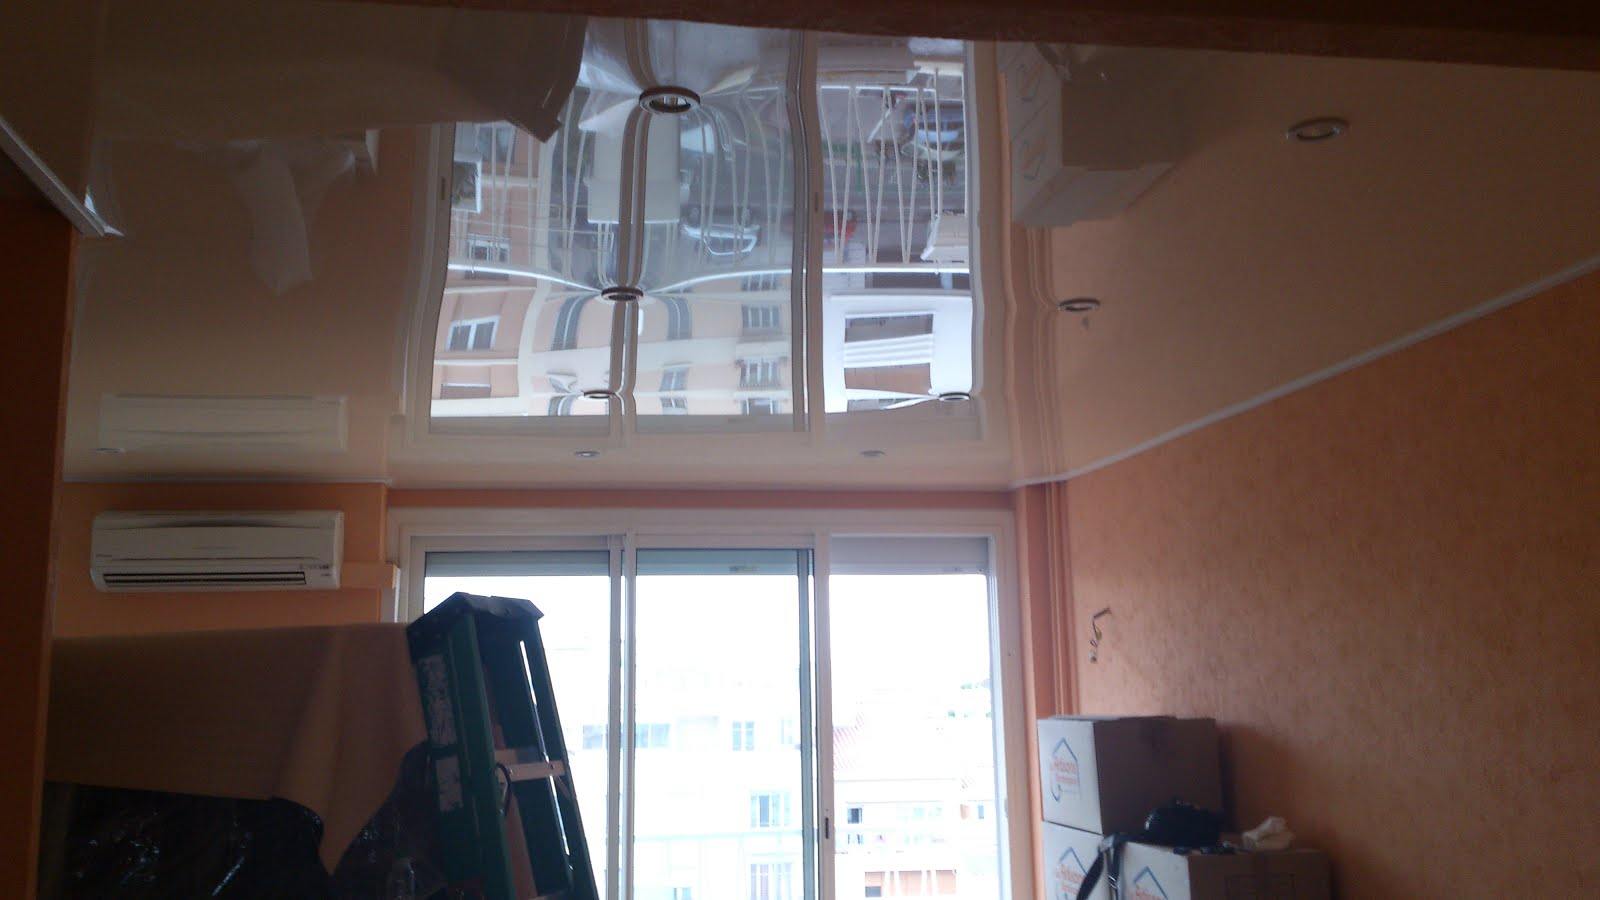 The Batica-Renov Stretch Ceiling system